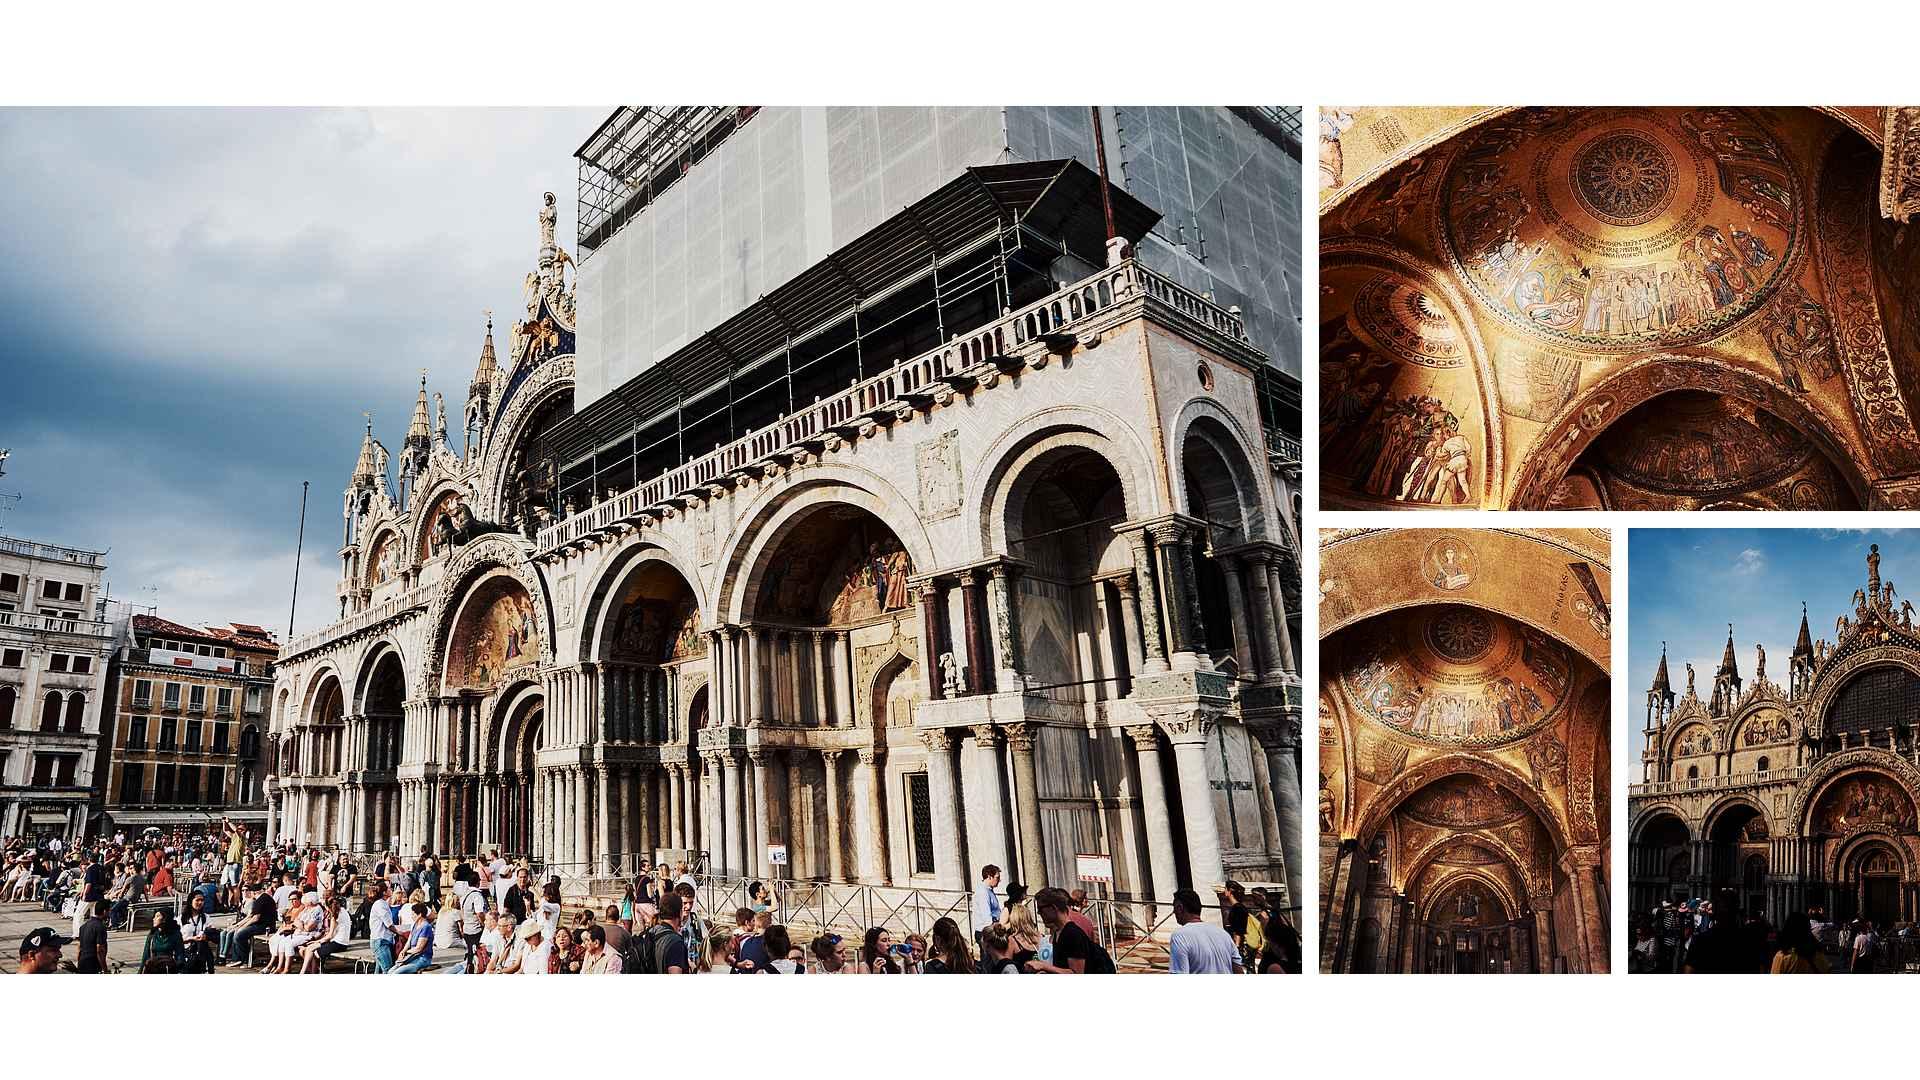 Basílica de San Marcos - Descubre Venecia - Live your Life - José Álvarez Fotografía